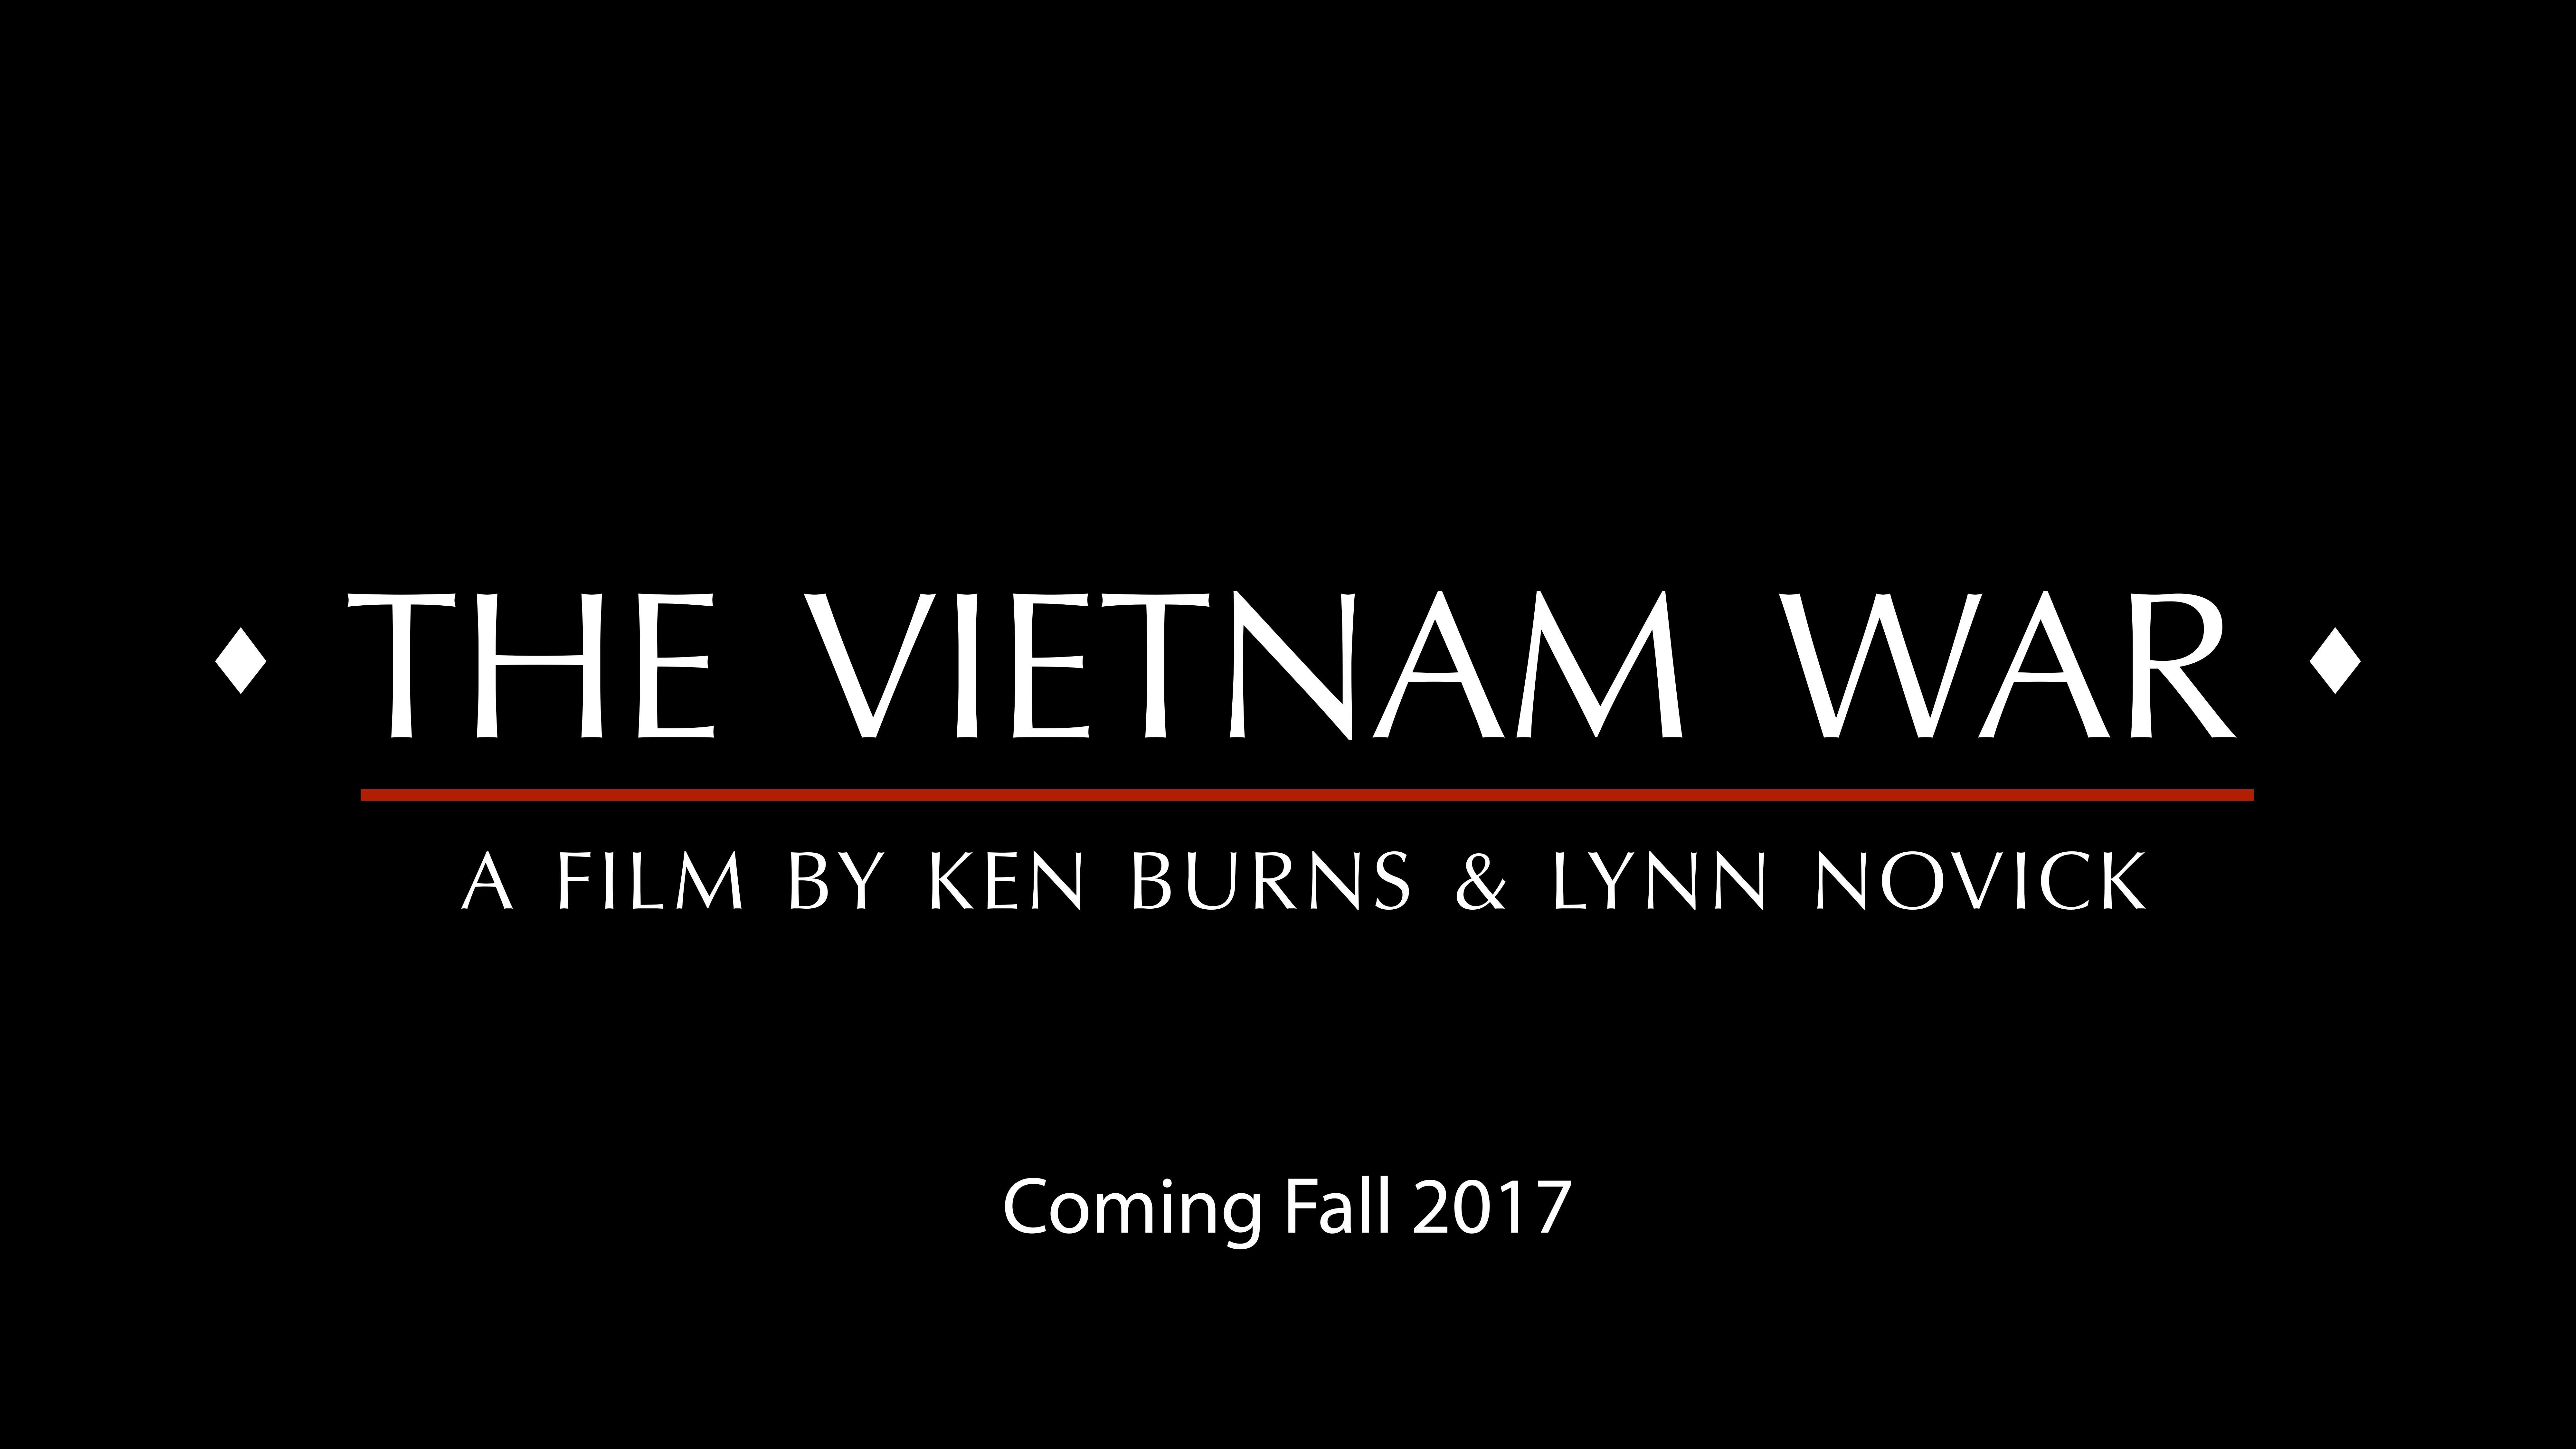 The Vietnam War is a ten-part, 18-hour documentary film series ...